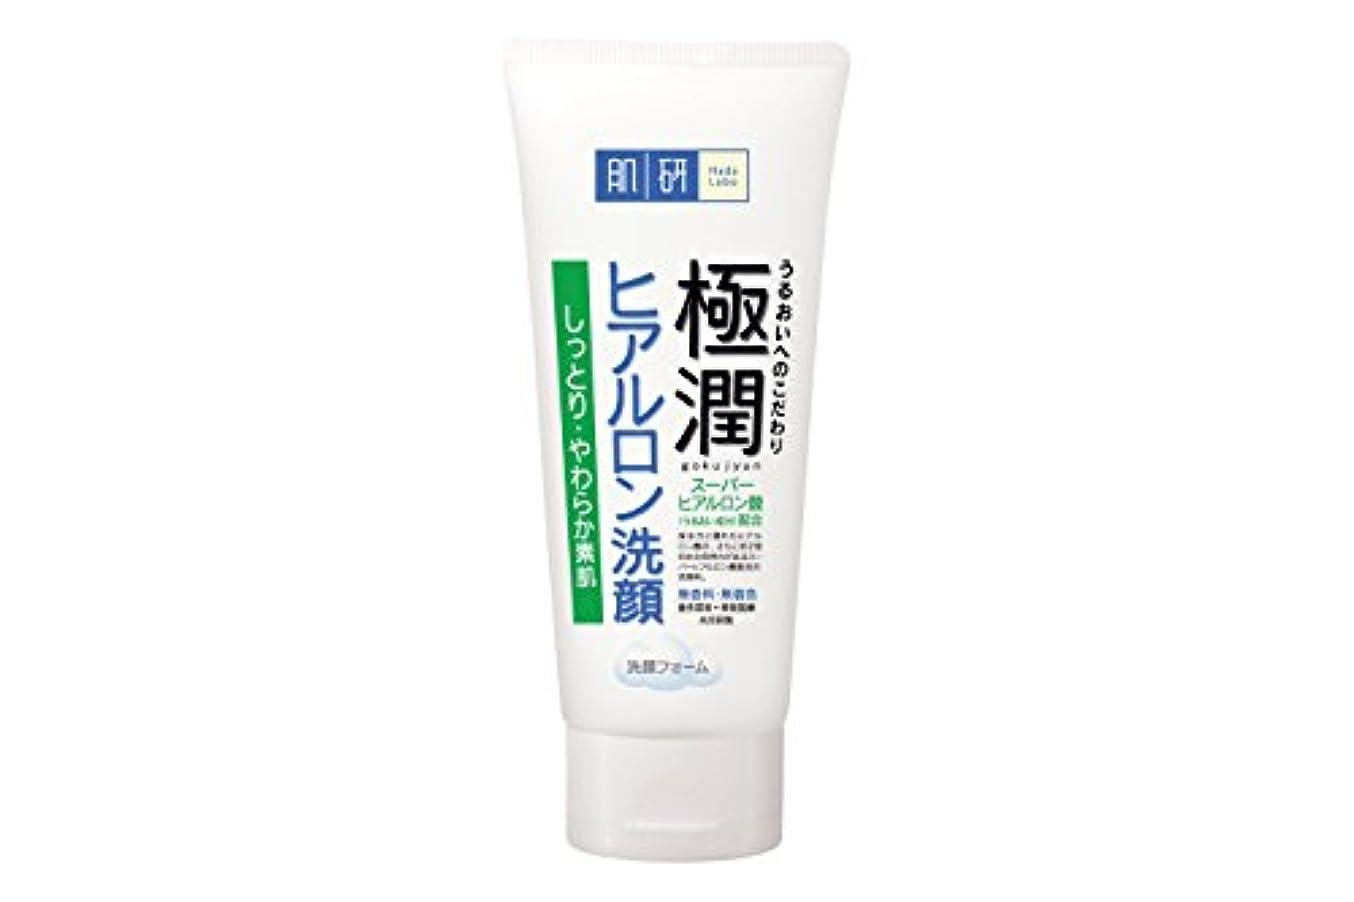 アウター無傷お肌研(ハダラボ) 極潤  ヒアルロン 洗顔フォーム 100g